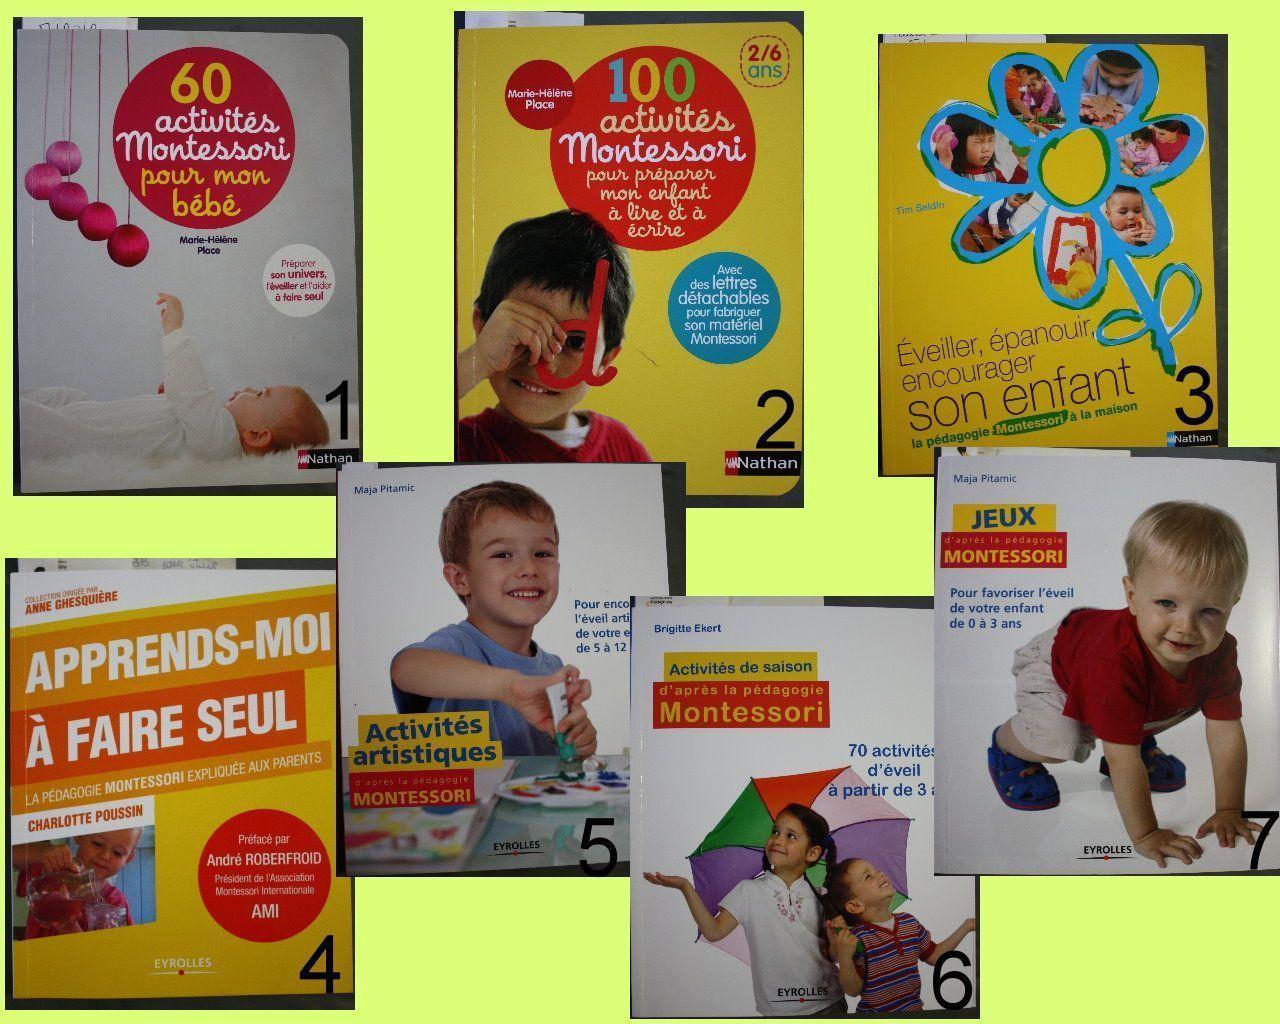 Pedagogie Montessori Livres